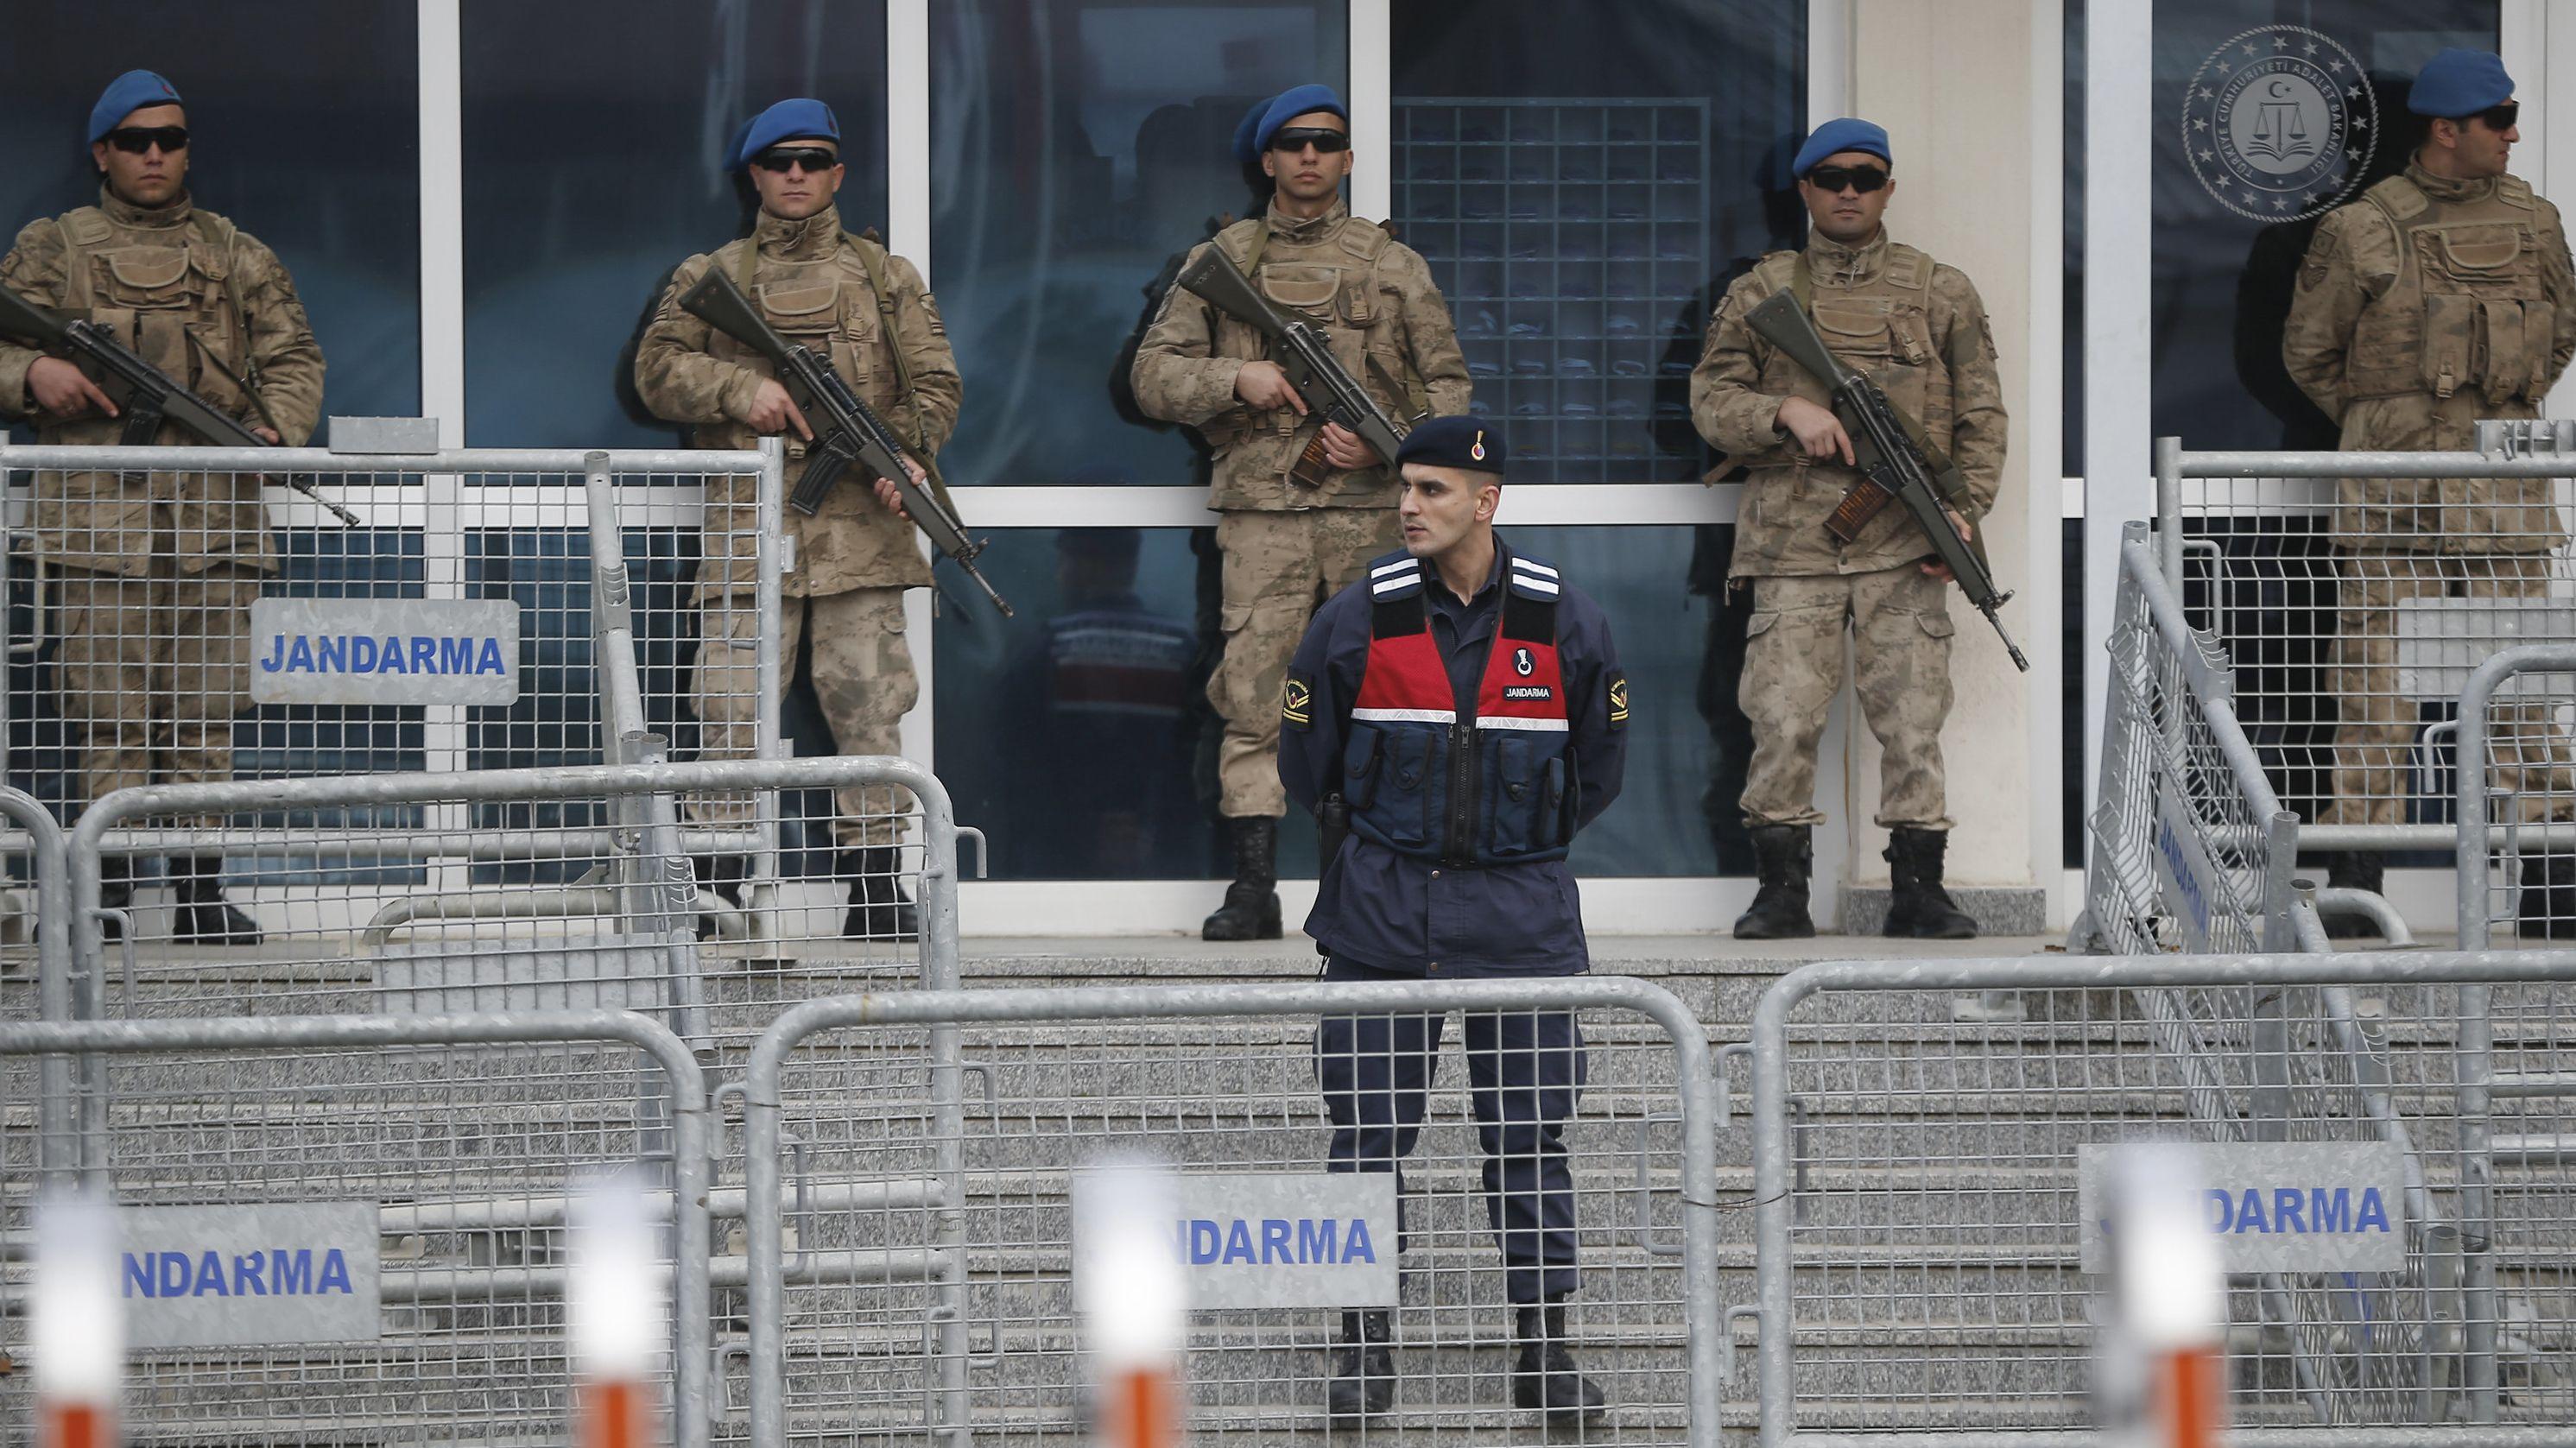 Soldaten stehen im abgesperrten Eingangsbereich des Gerichtsgebäudes im türkischen Silivri.